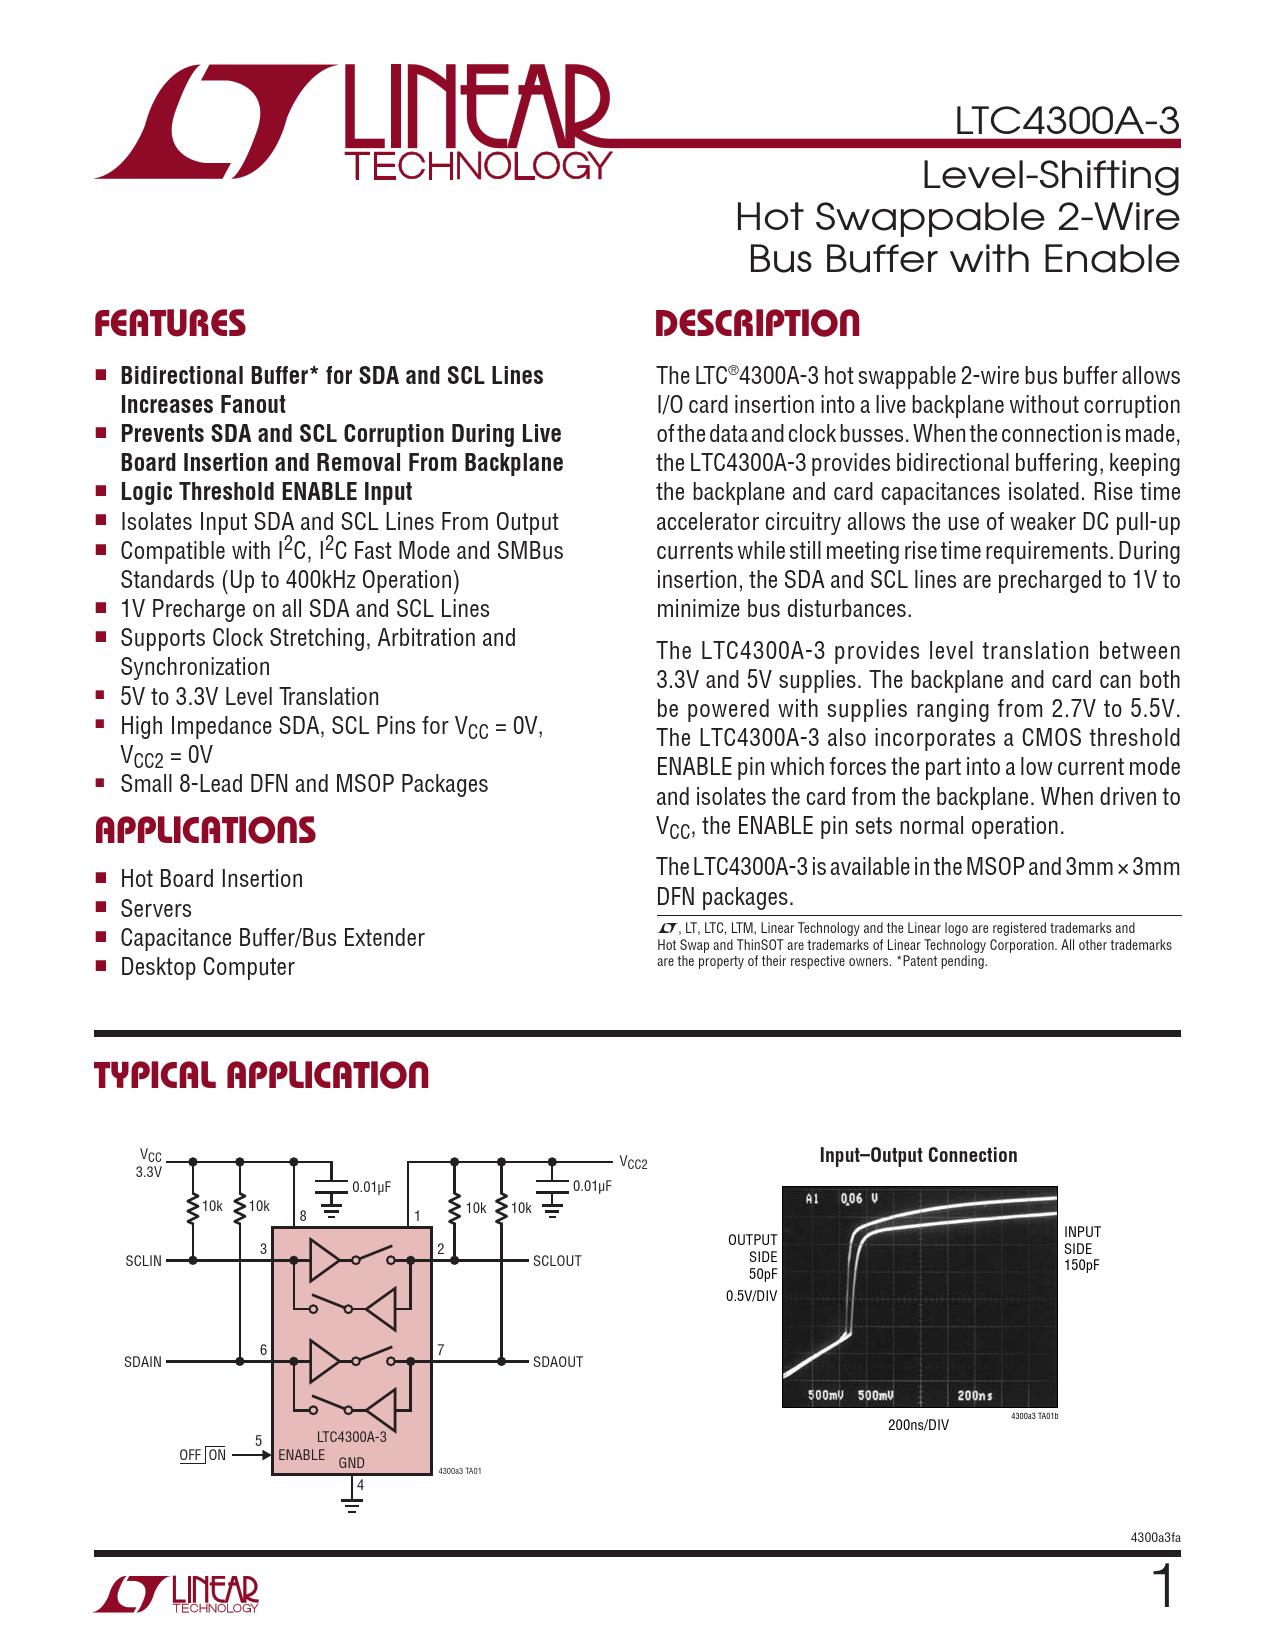 Datasheet LTC4300A-3 Analog Devices